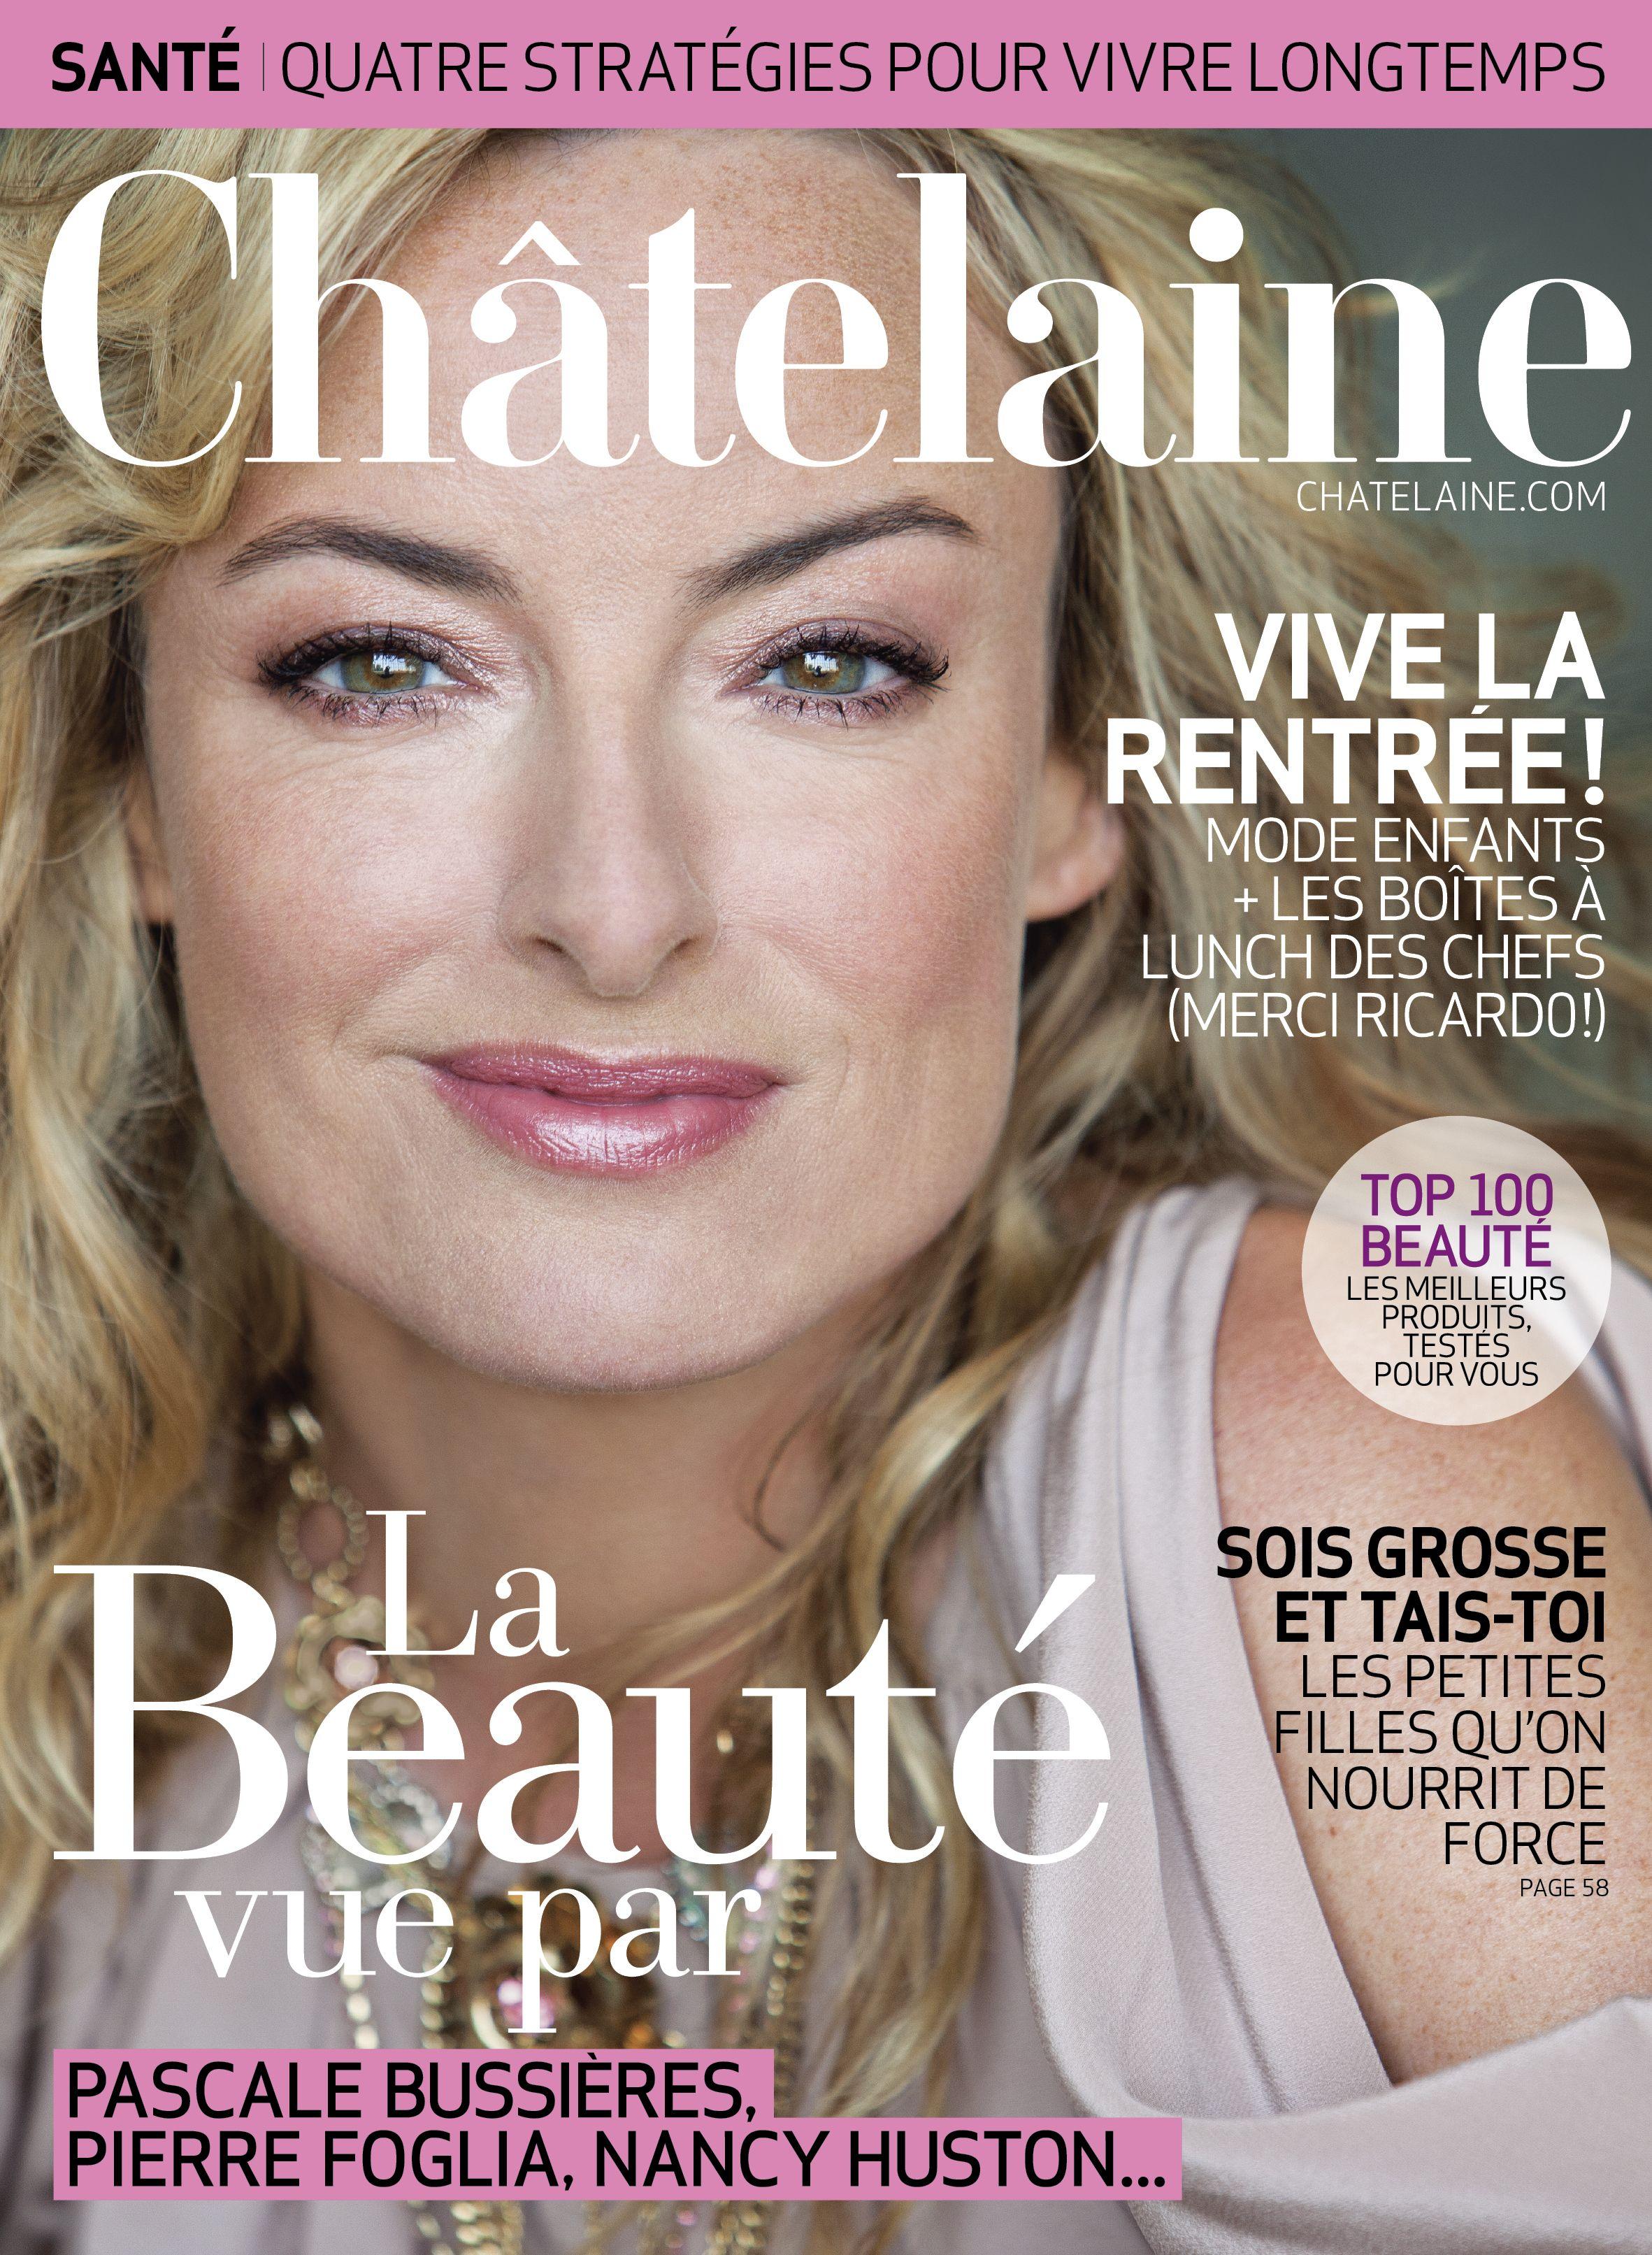 Numéro de septembre 2011 #PascaleBussieres #Beaute #Top100delabeaute